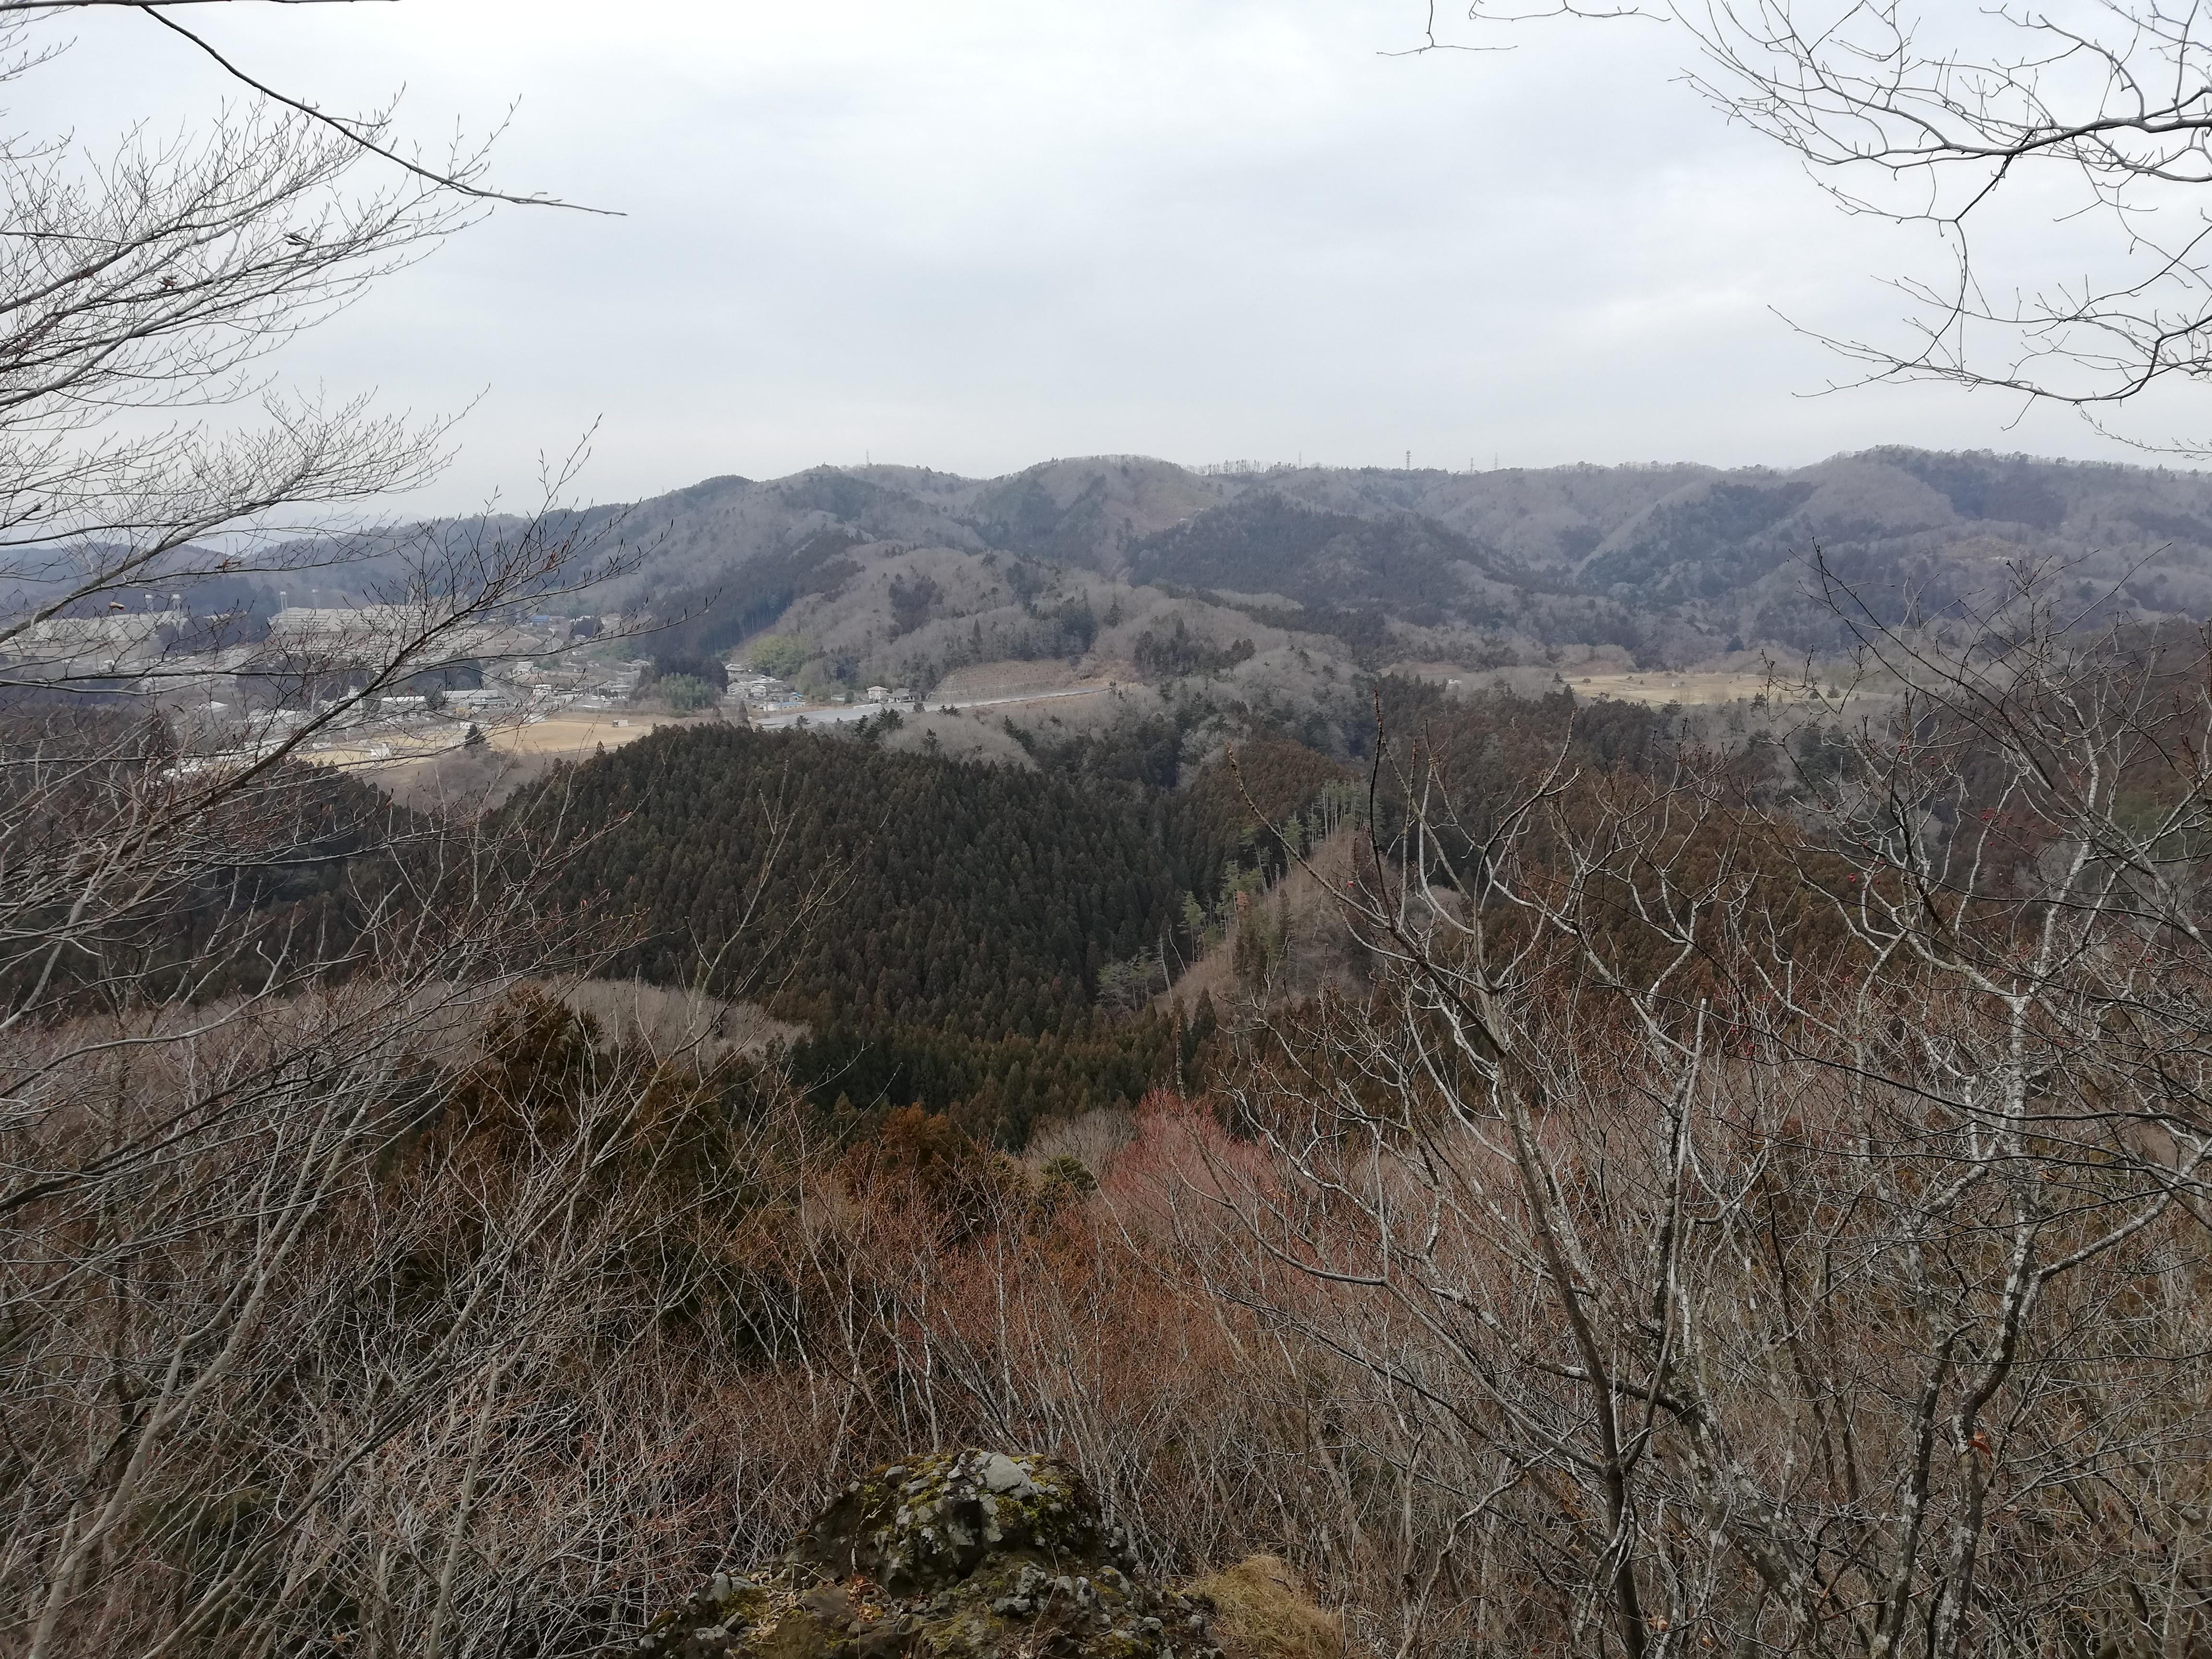 【西風蕃山~太白山】もう山なんて…西風蕃山→萱ヶ崎山→太白山、道迷い縦走